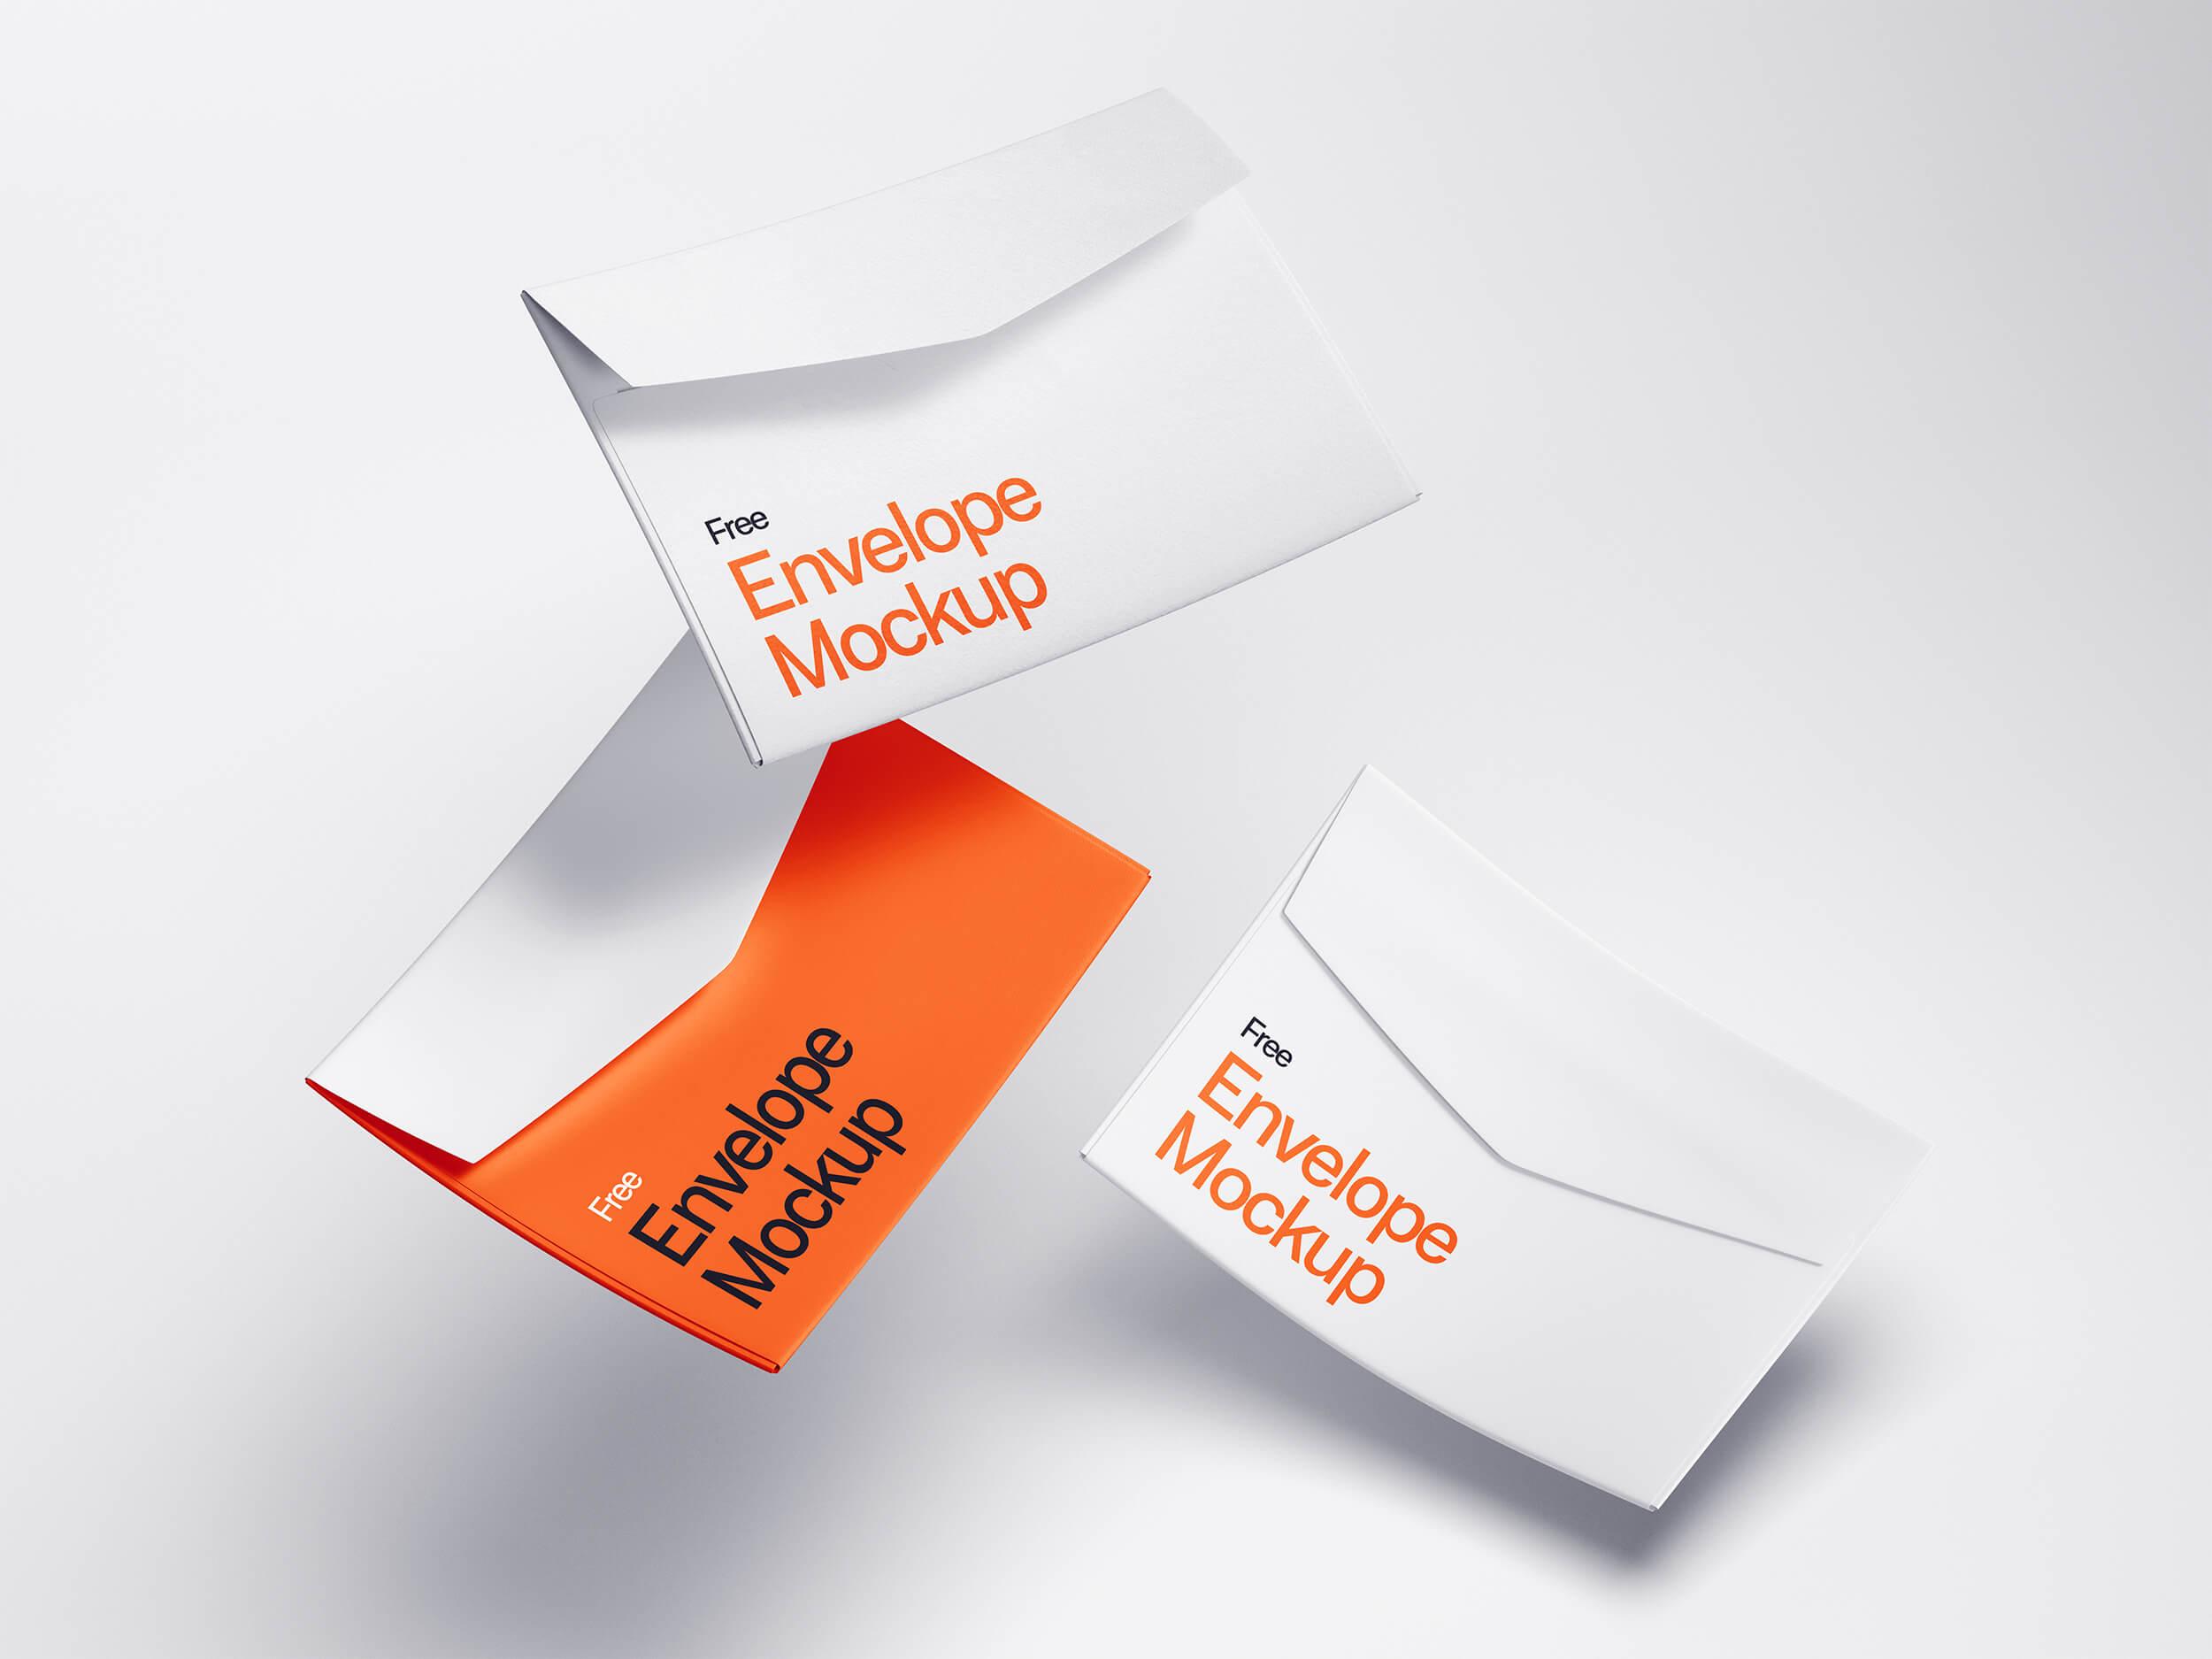 Free Envelope Mockups